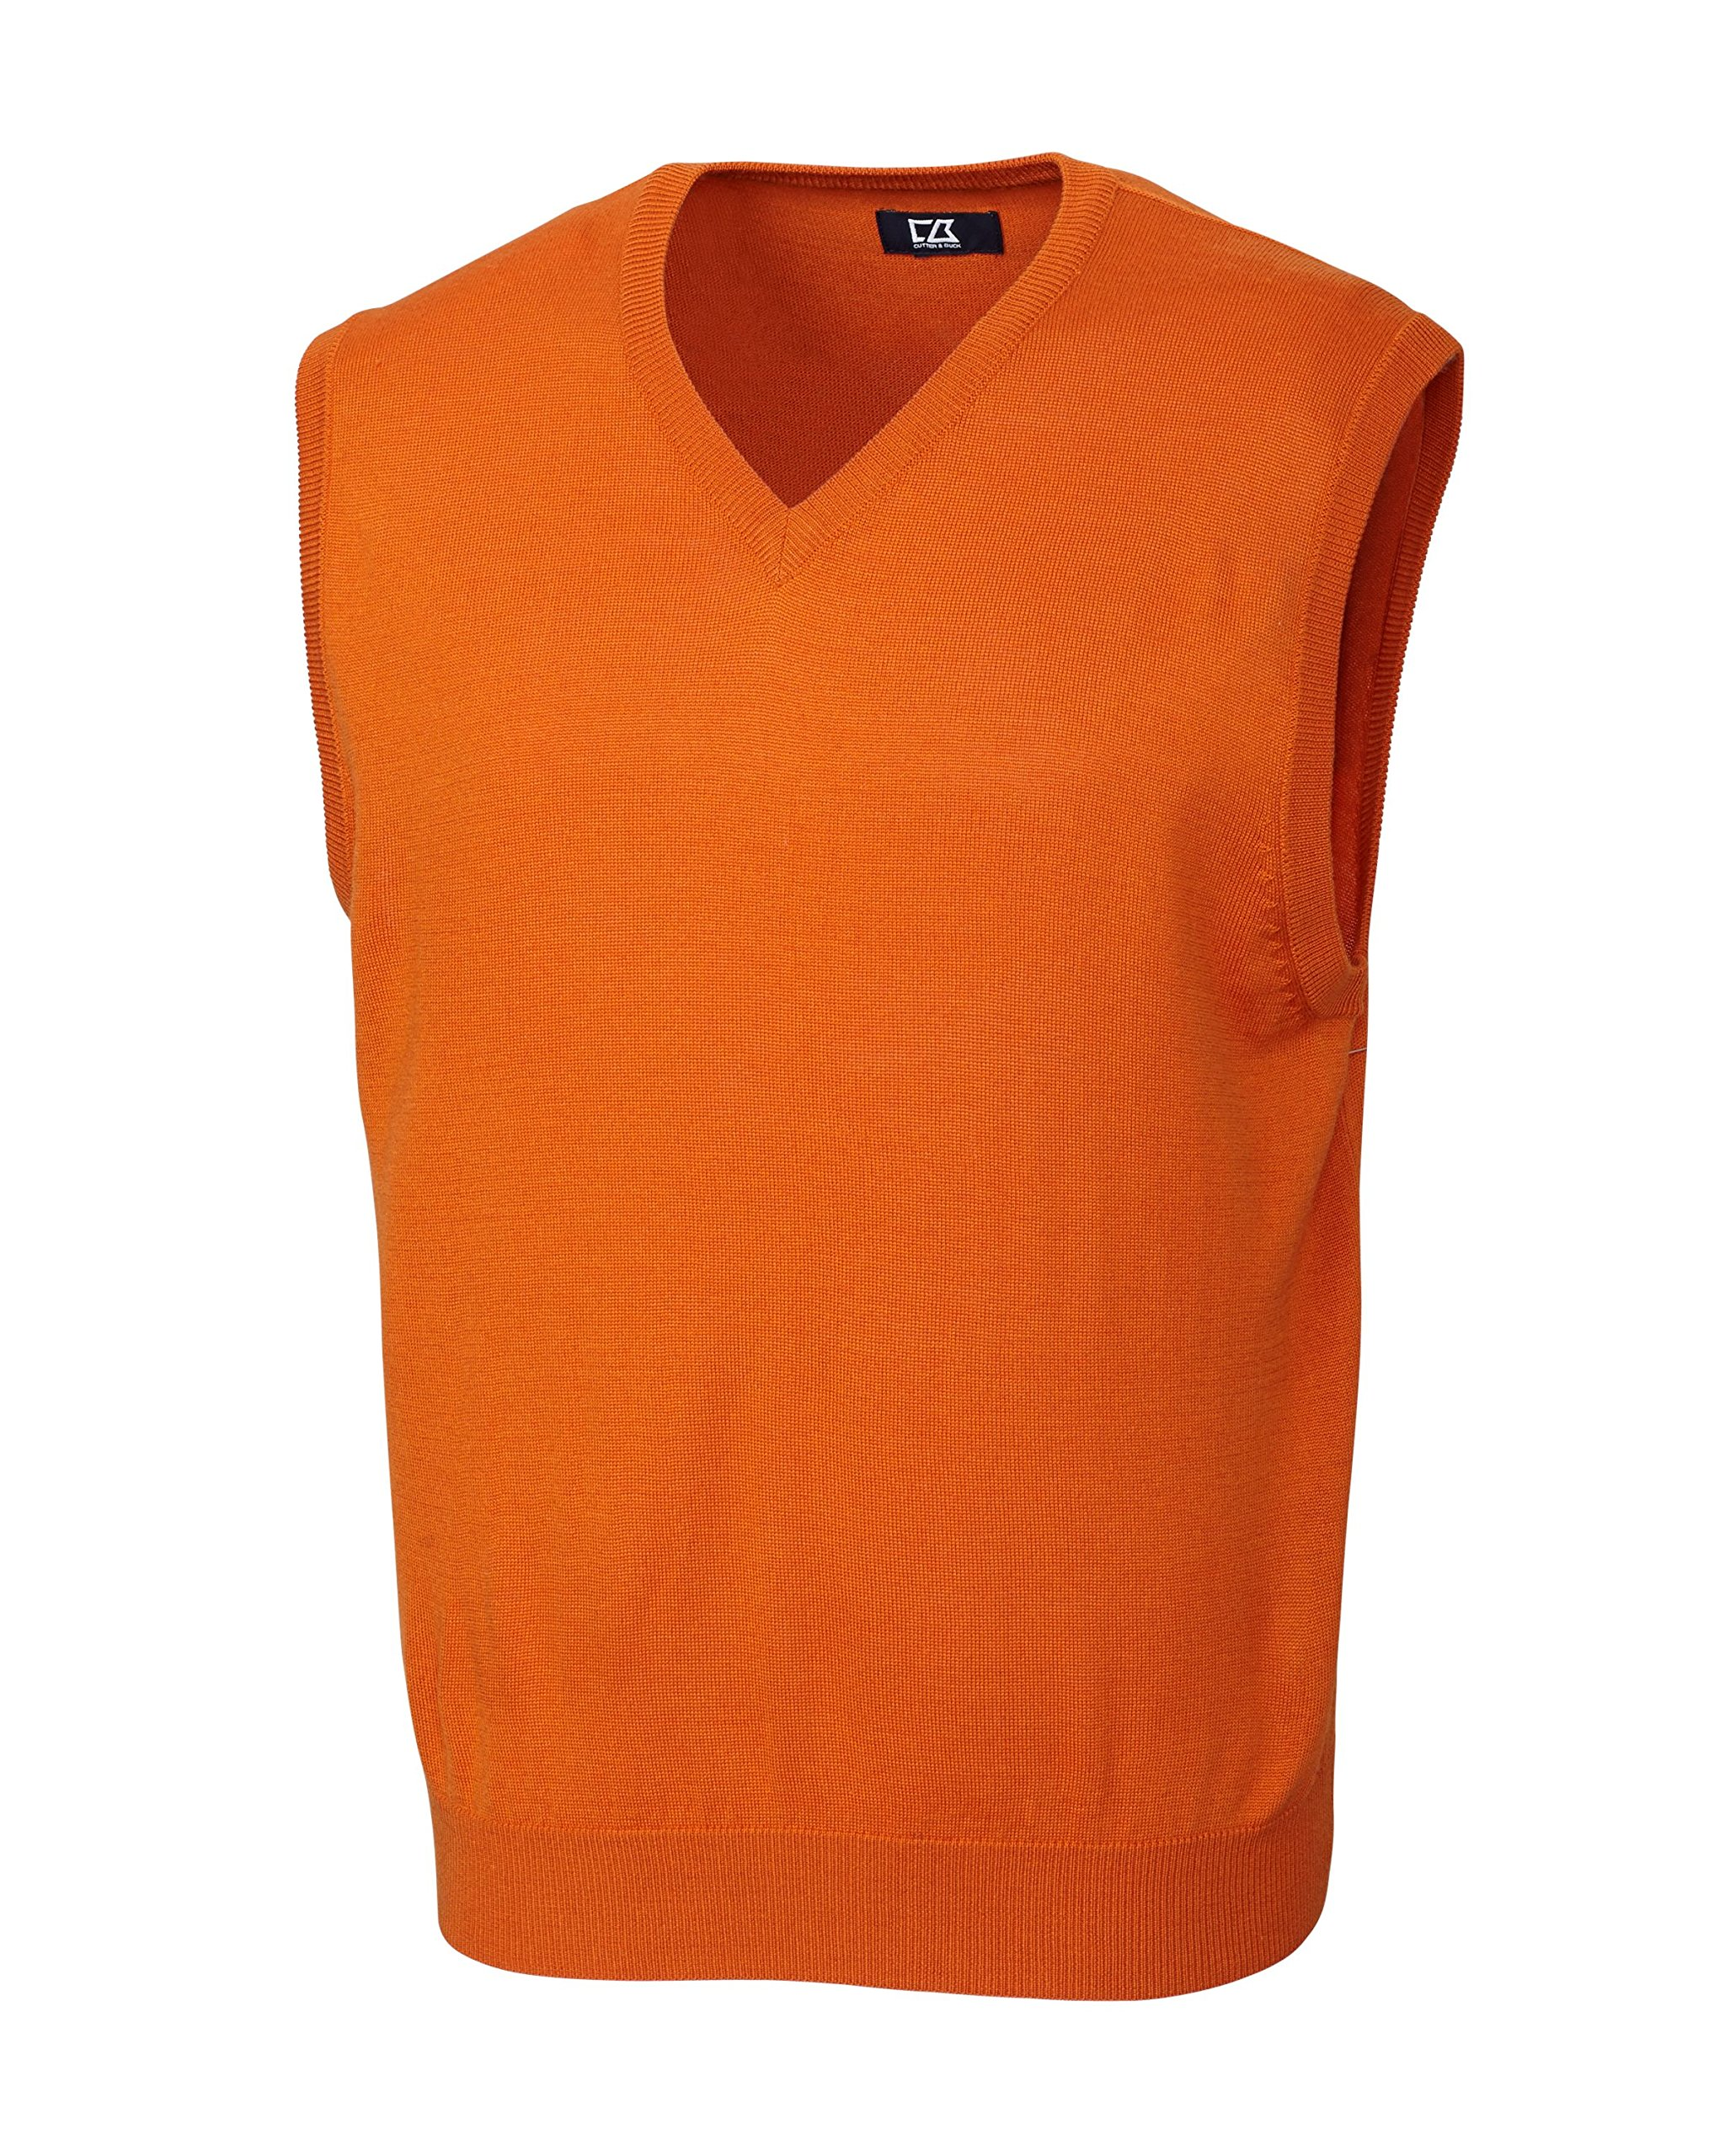 Cutter & Buck Men's Douglas V-Neck Sweater Vest, Fiery Orange, Large